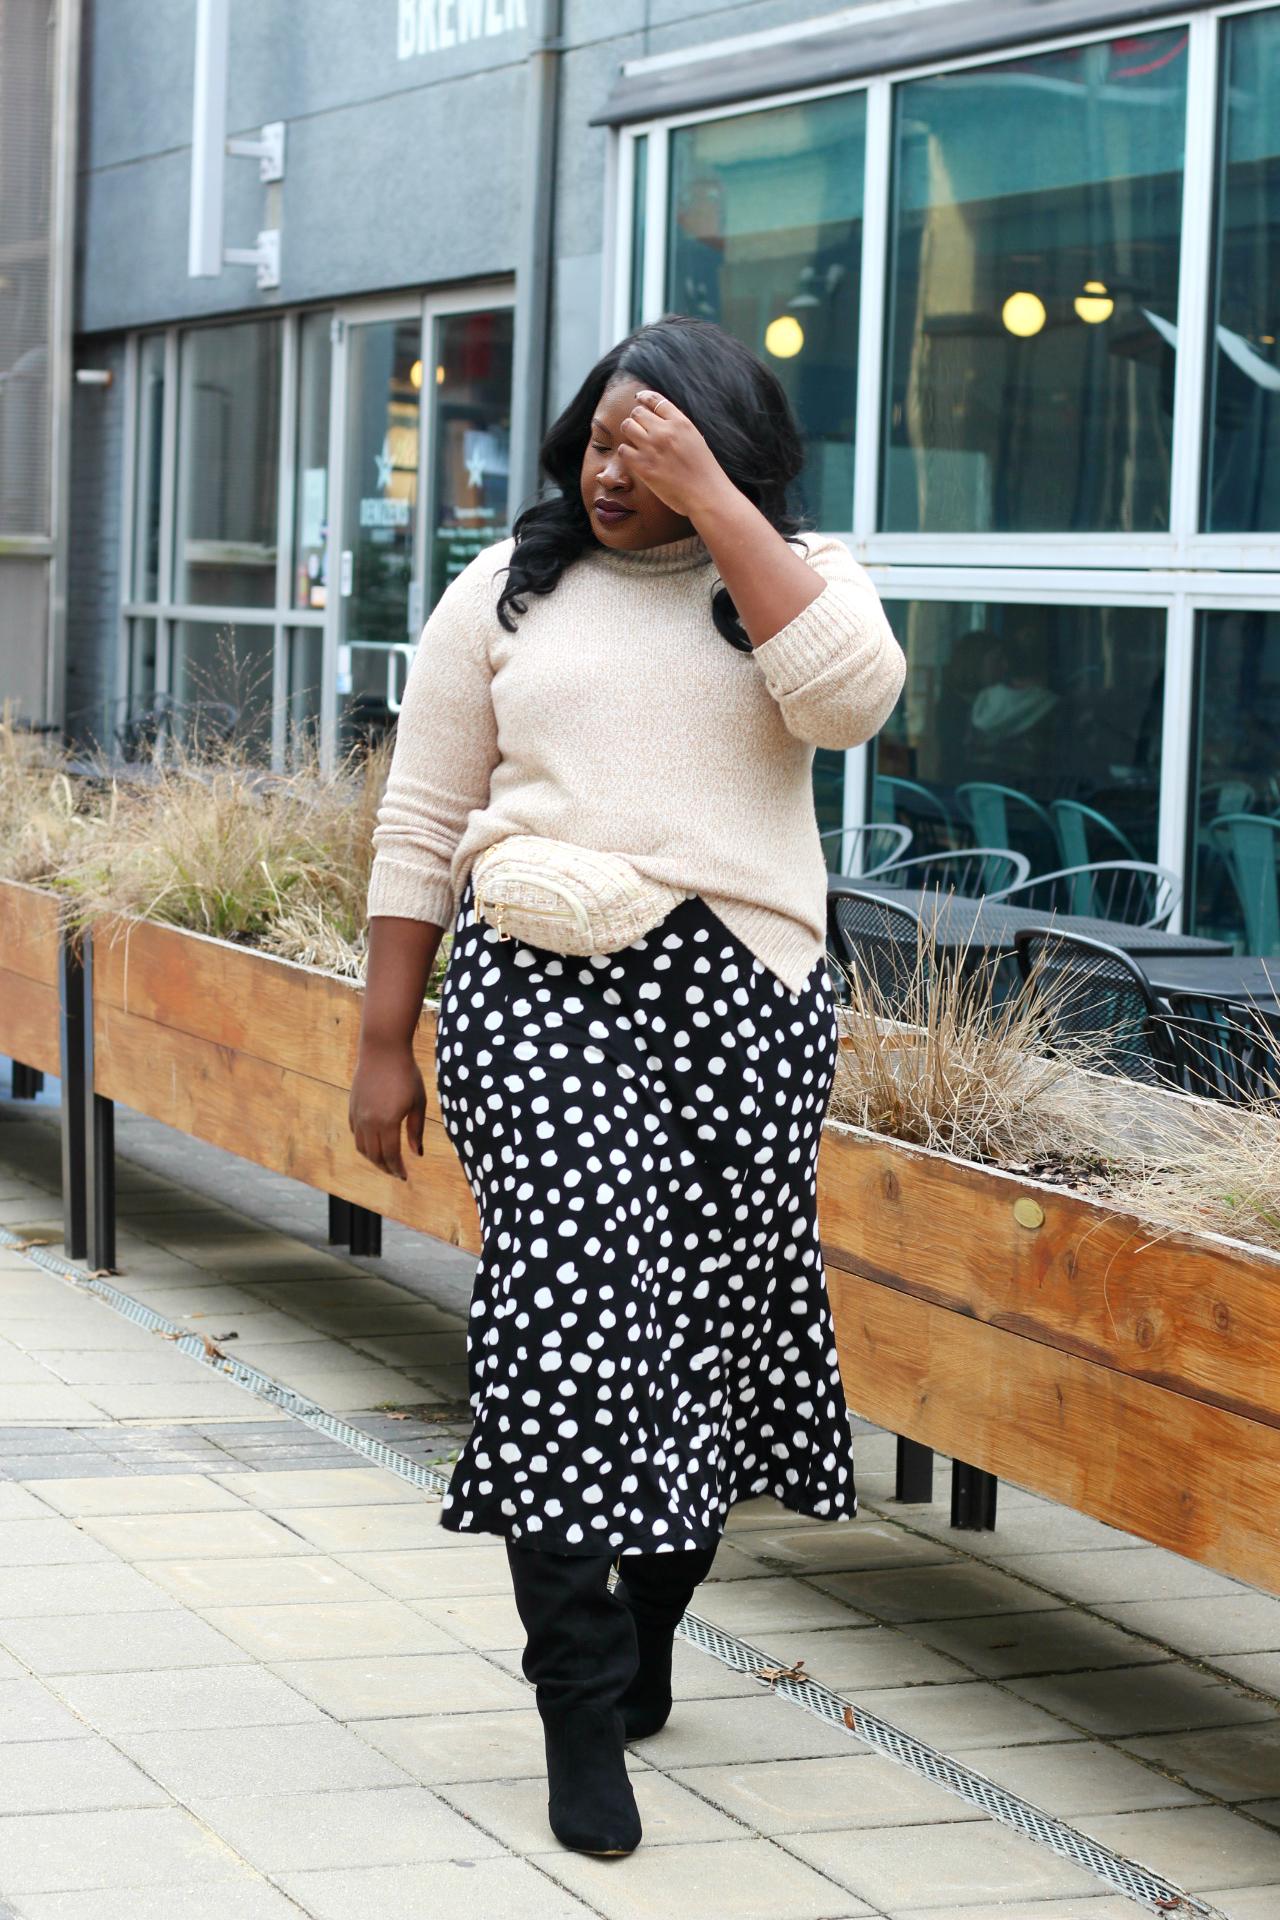 polka dot tee shirt dress outfit winter